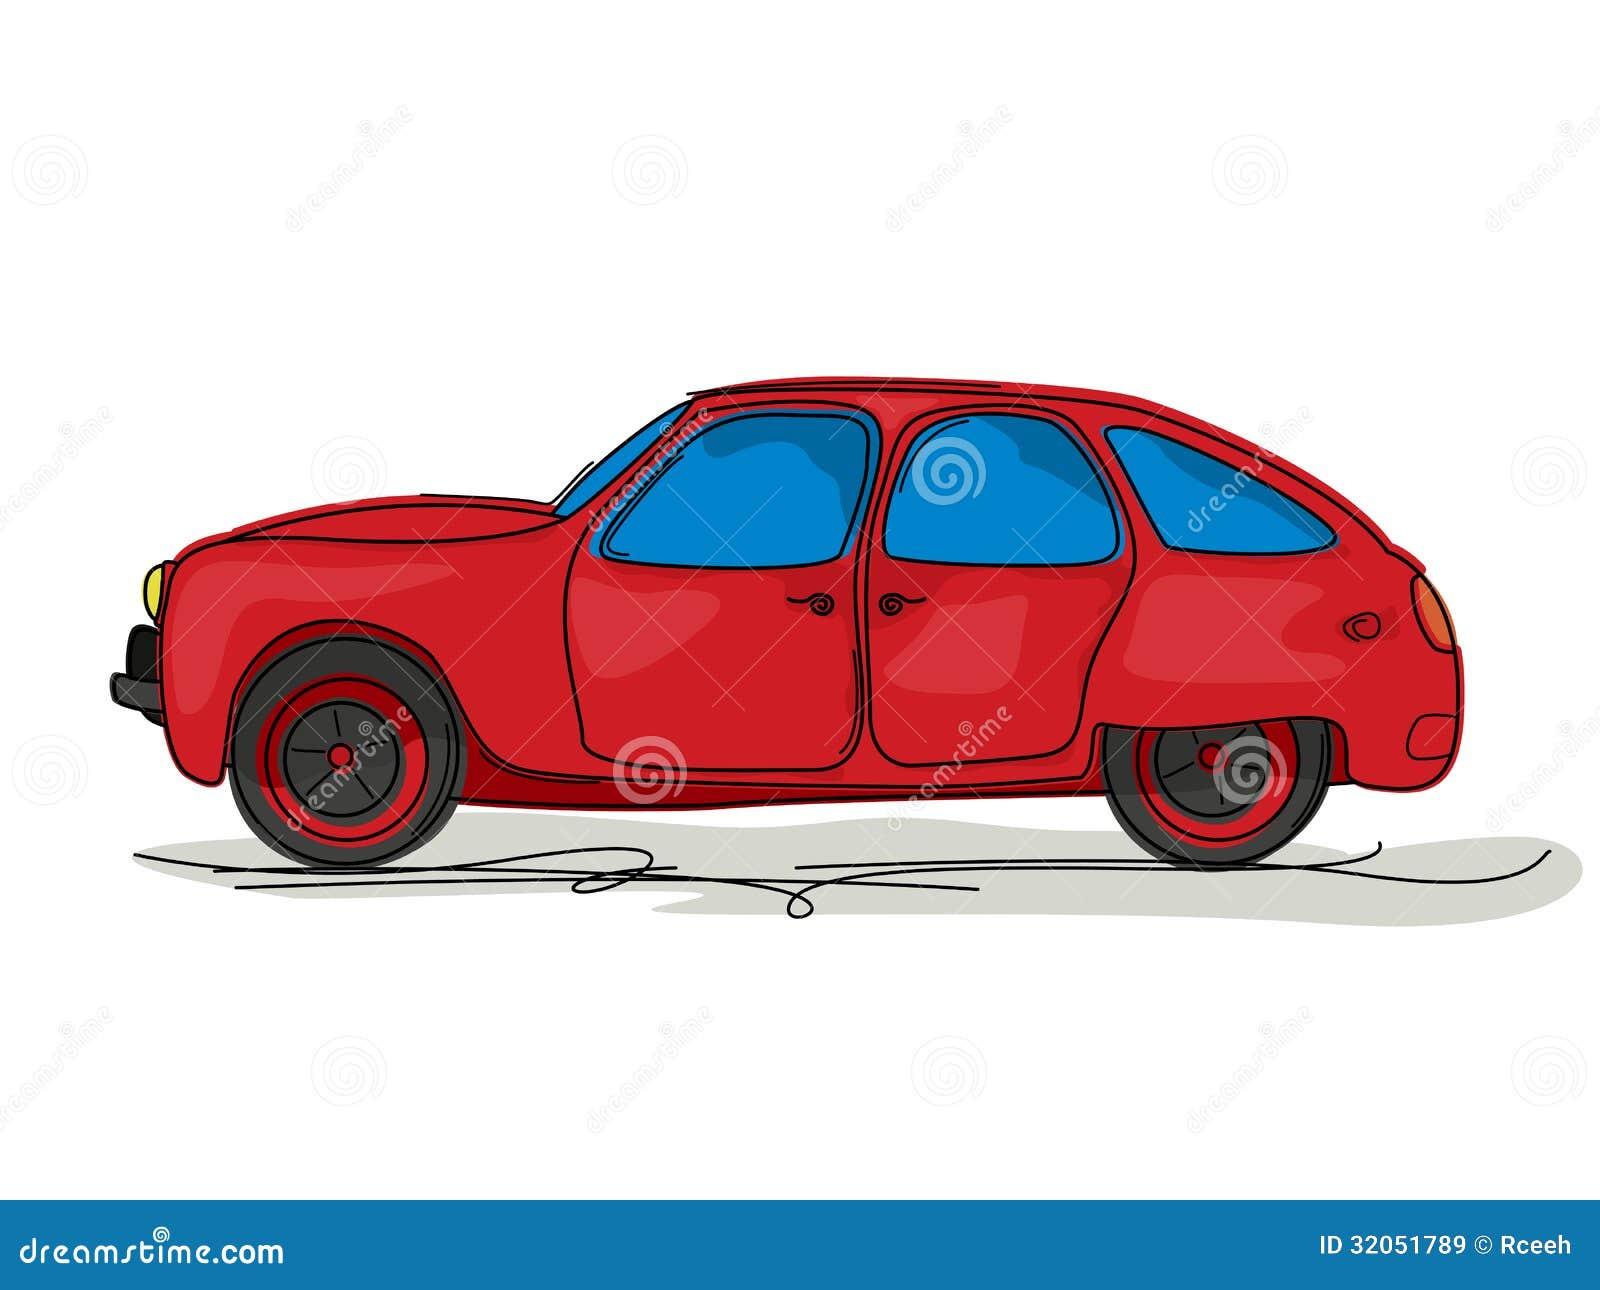 Sport Car Cartoon Stock Vector. Image Of Bumper Illustration - 32051789